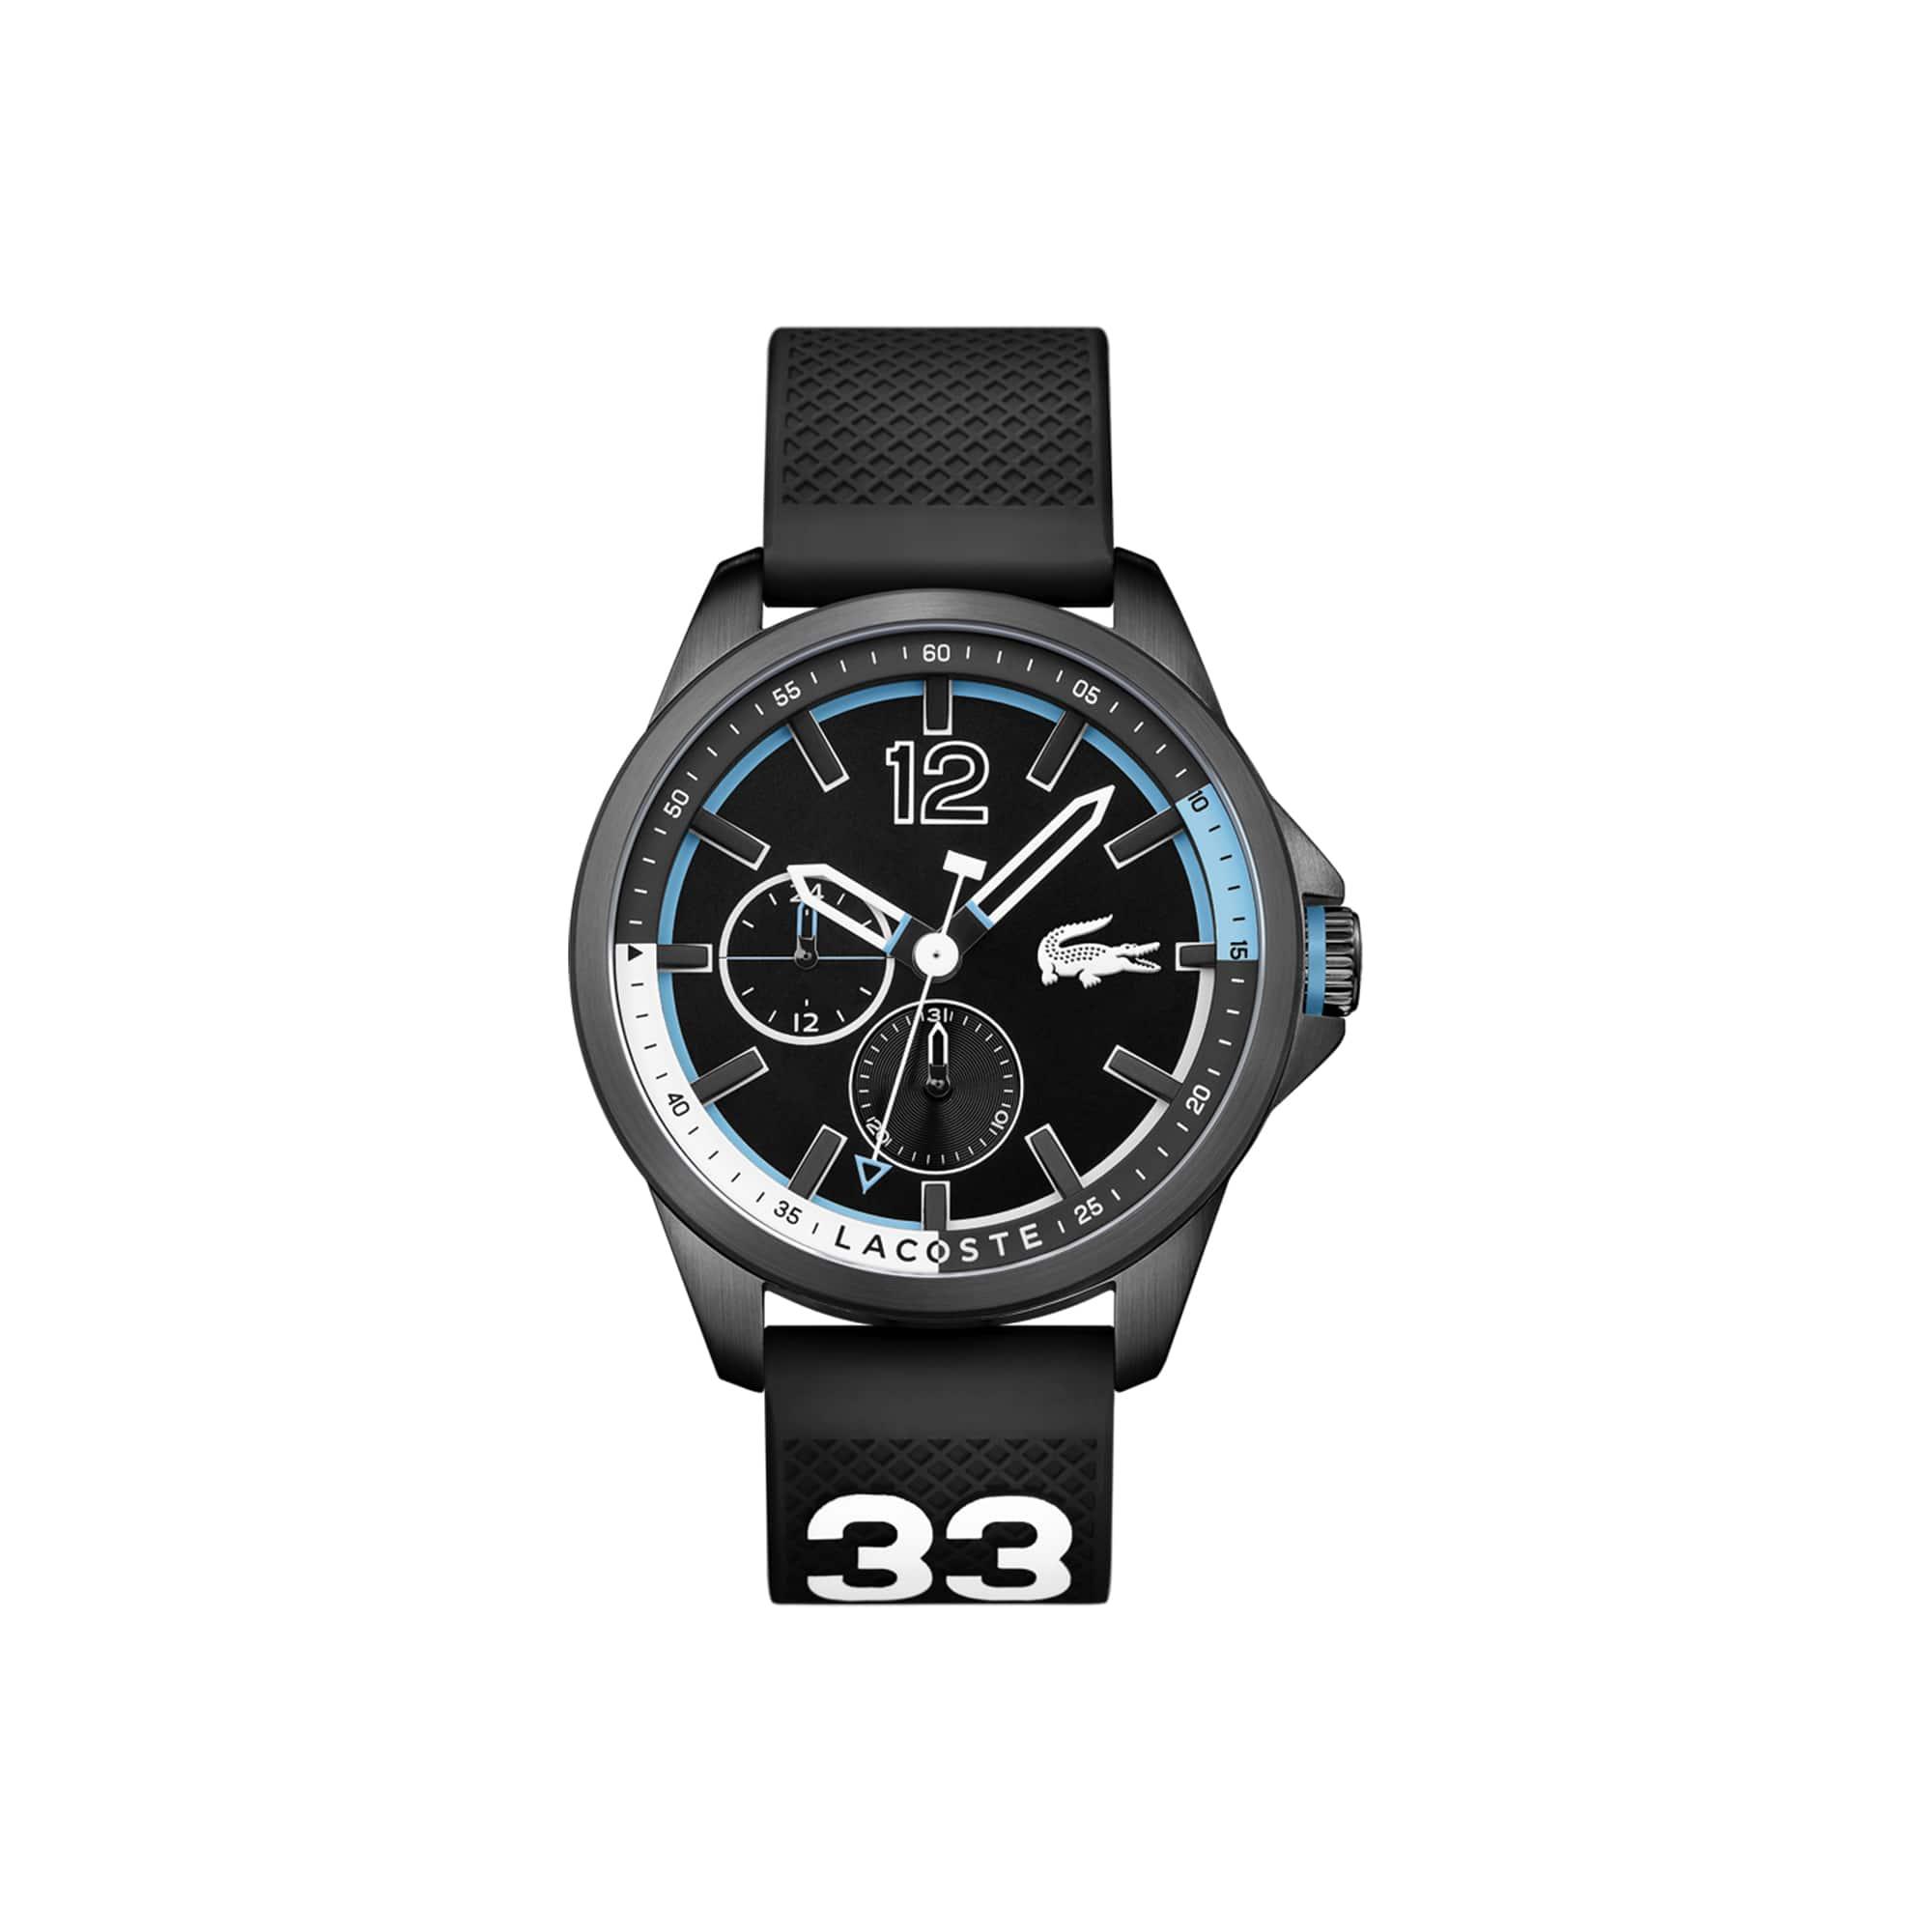 ساعة Capbreton رجالية مع حزام أسود من السيليكون